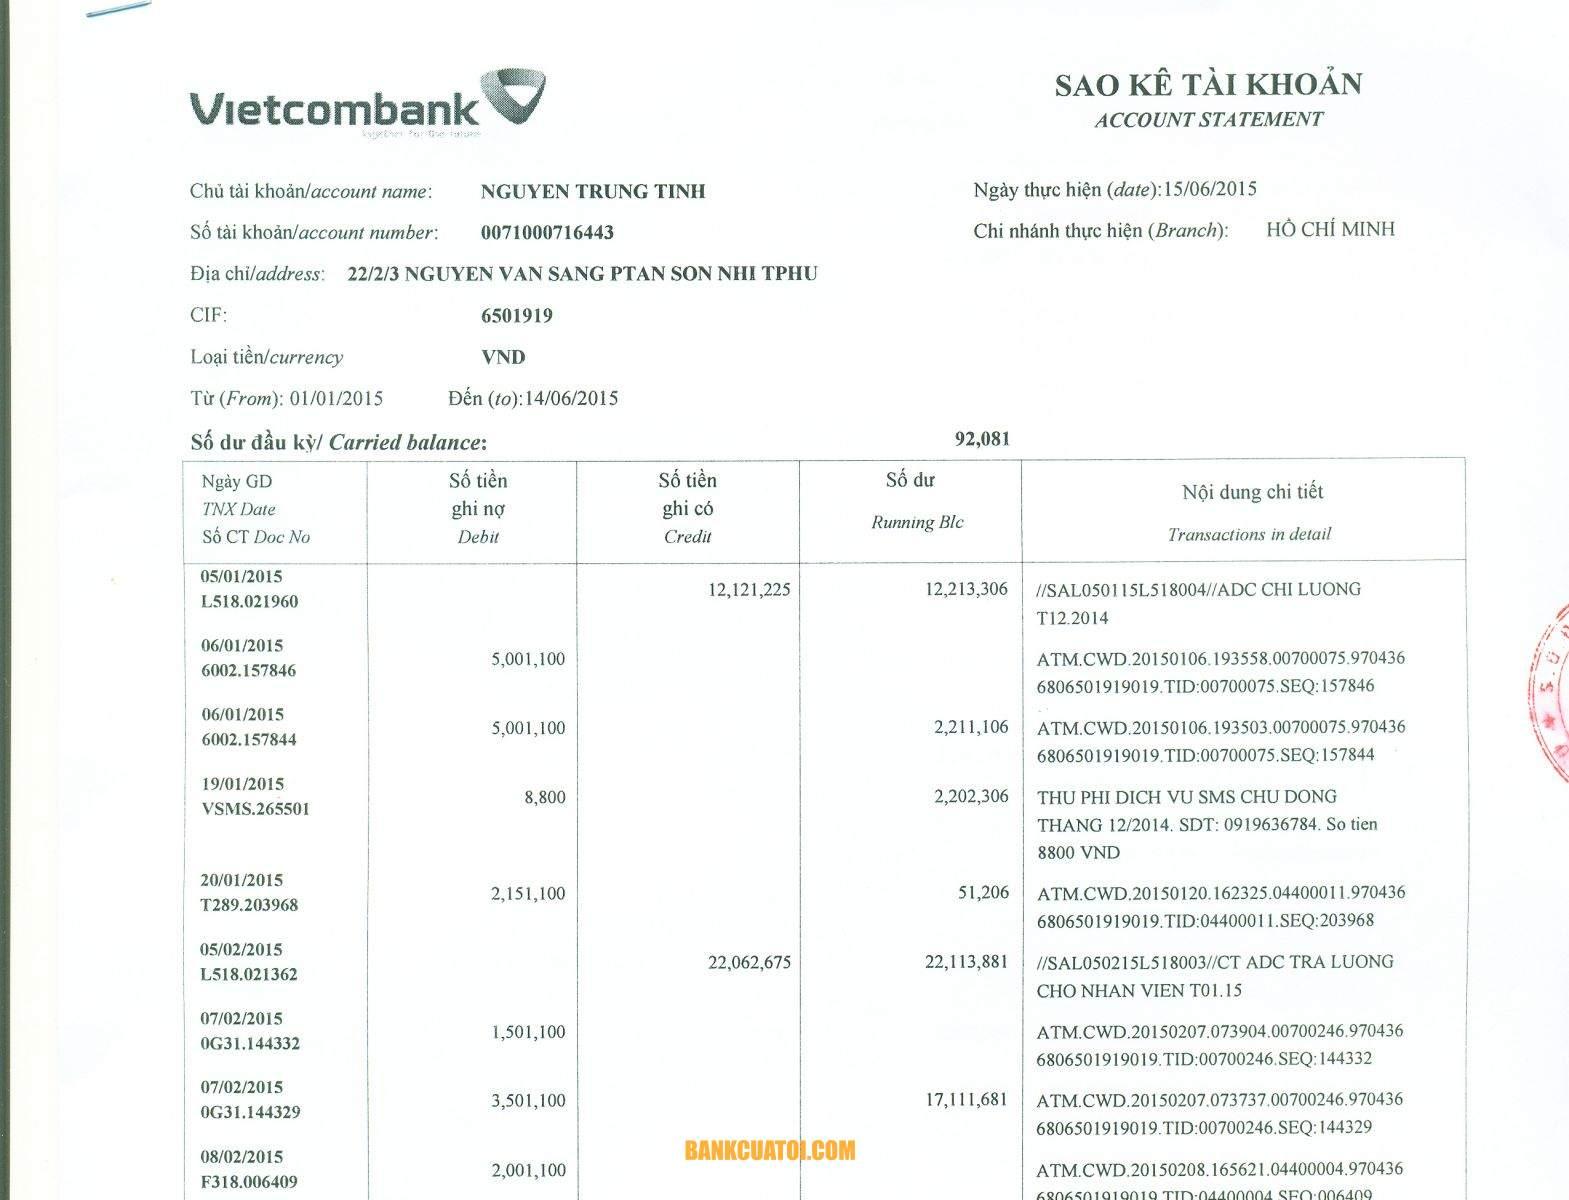 Cách xóa lịch sử giao dịch Vietcombank